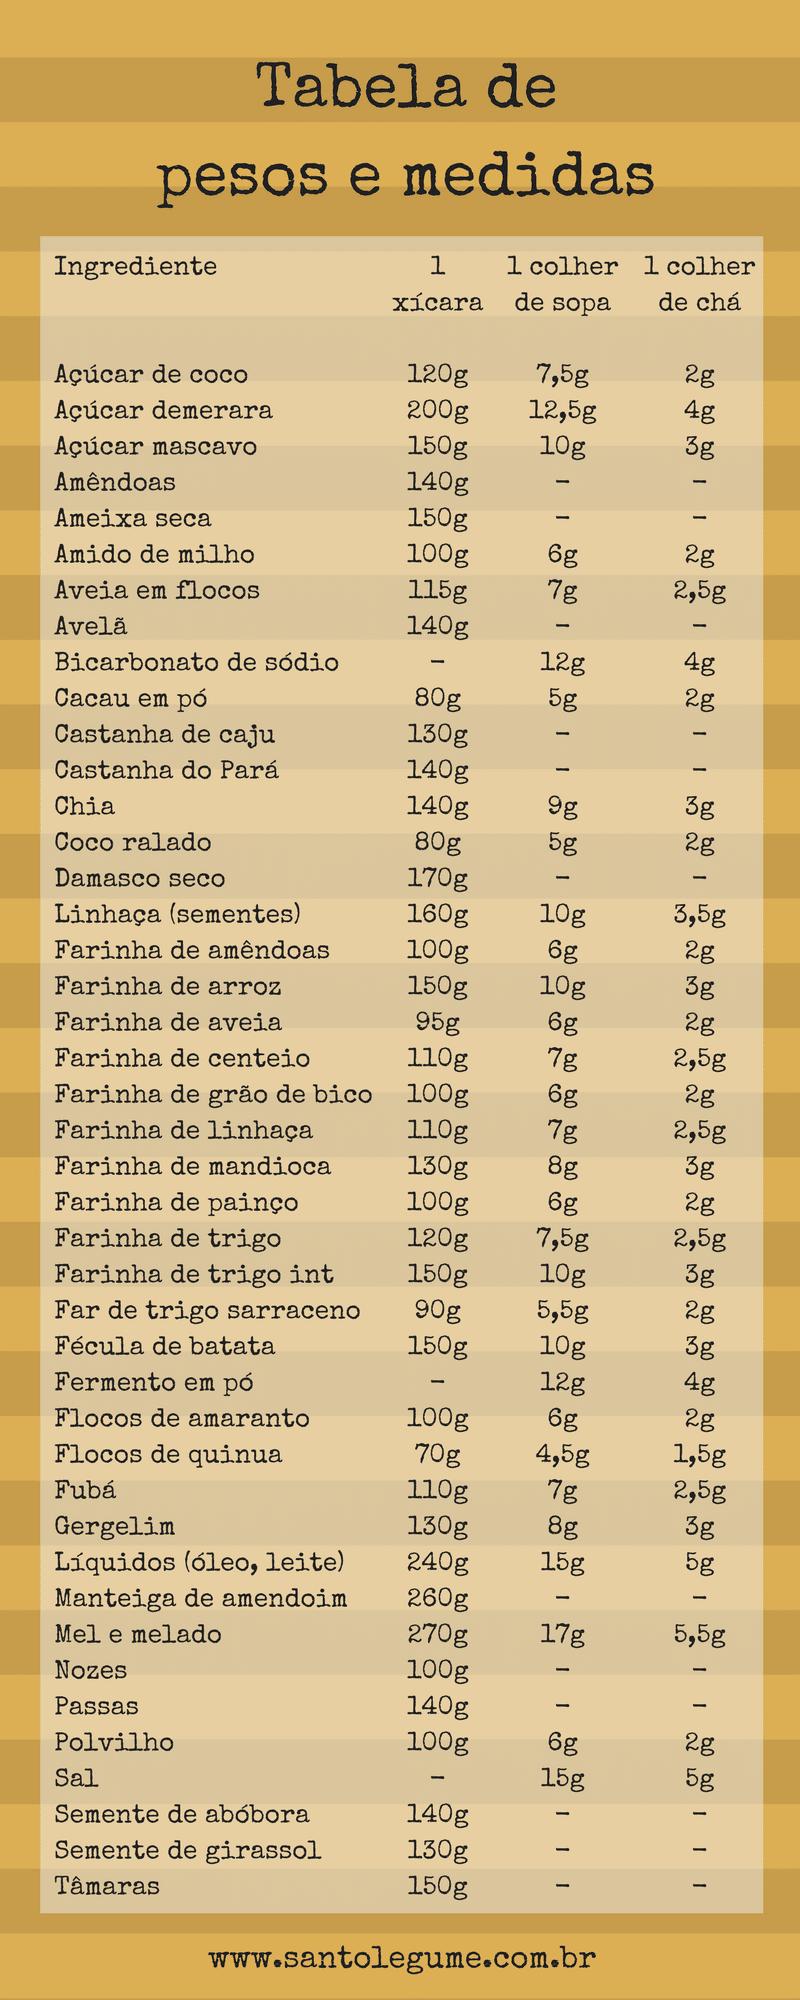 Tabela de pesos e medidas para conversões - Santo Legume